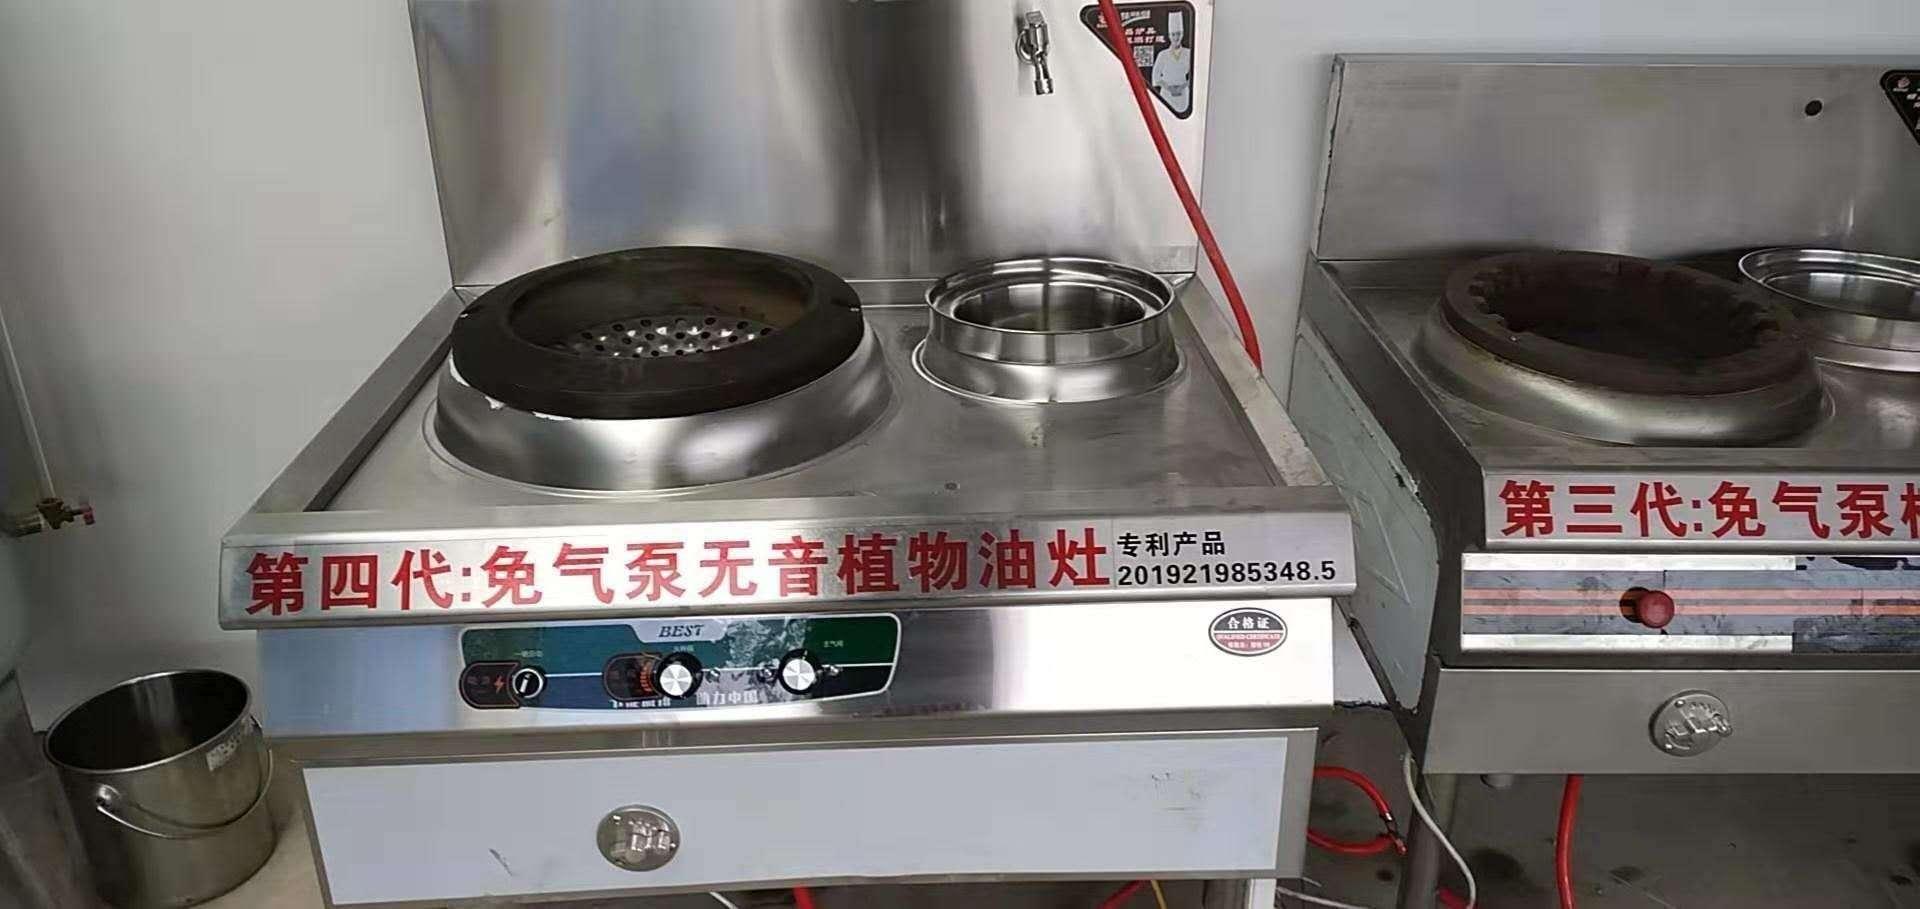 西宁食堂无醇植物油燃料厂家新技术免费送